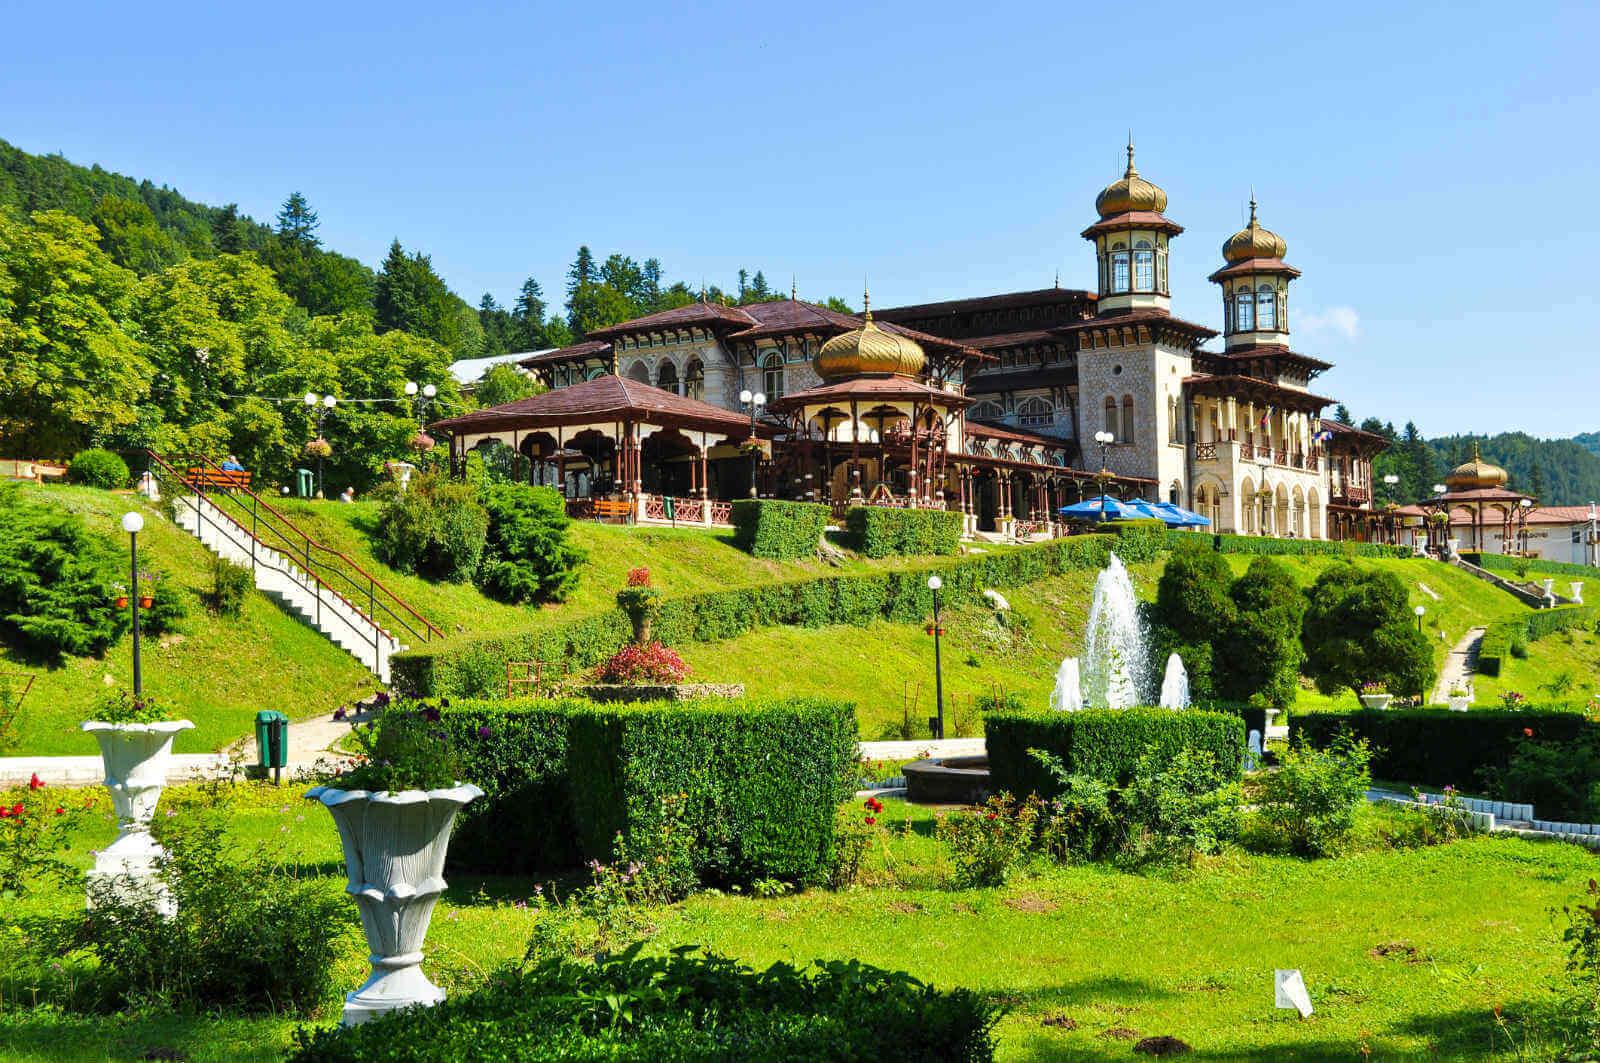 Ce se poate vizita in Slanic Moldova?